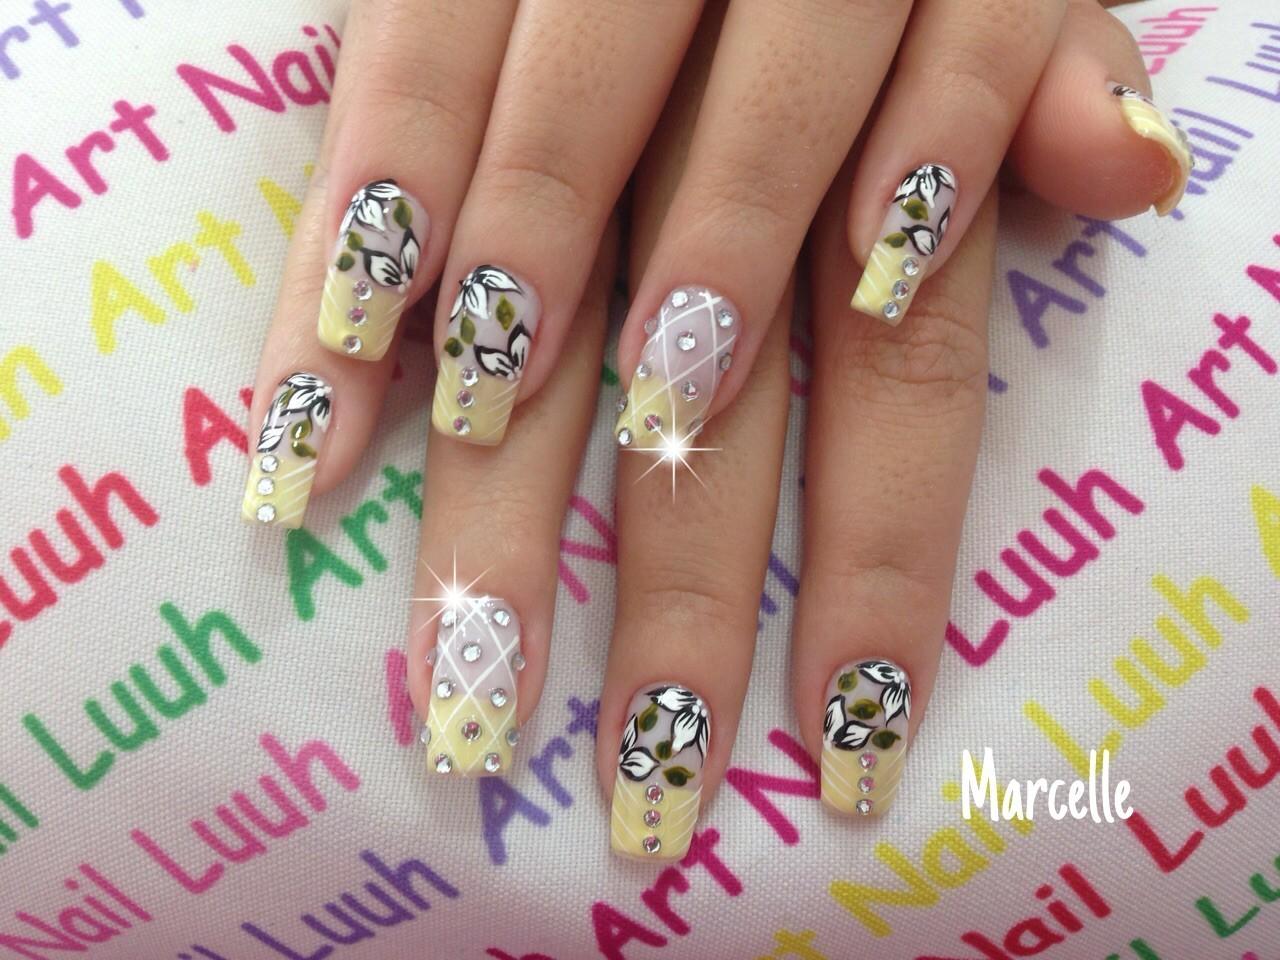 unha decorada, pedrinhas, flor, festa unhas  manicure e pedicure